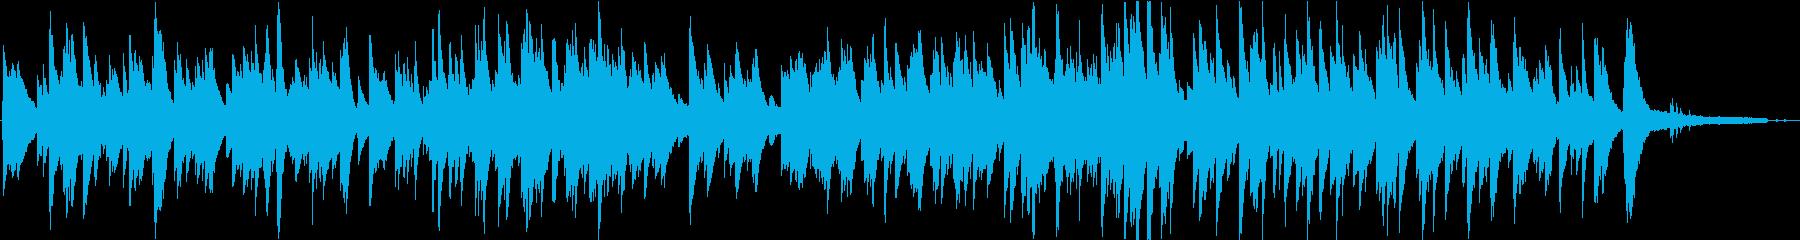 誠実な気持ちを表すピアノ曲の再生済みの波形